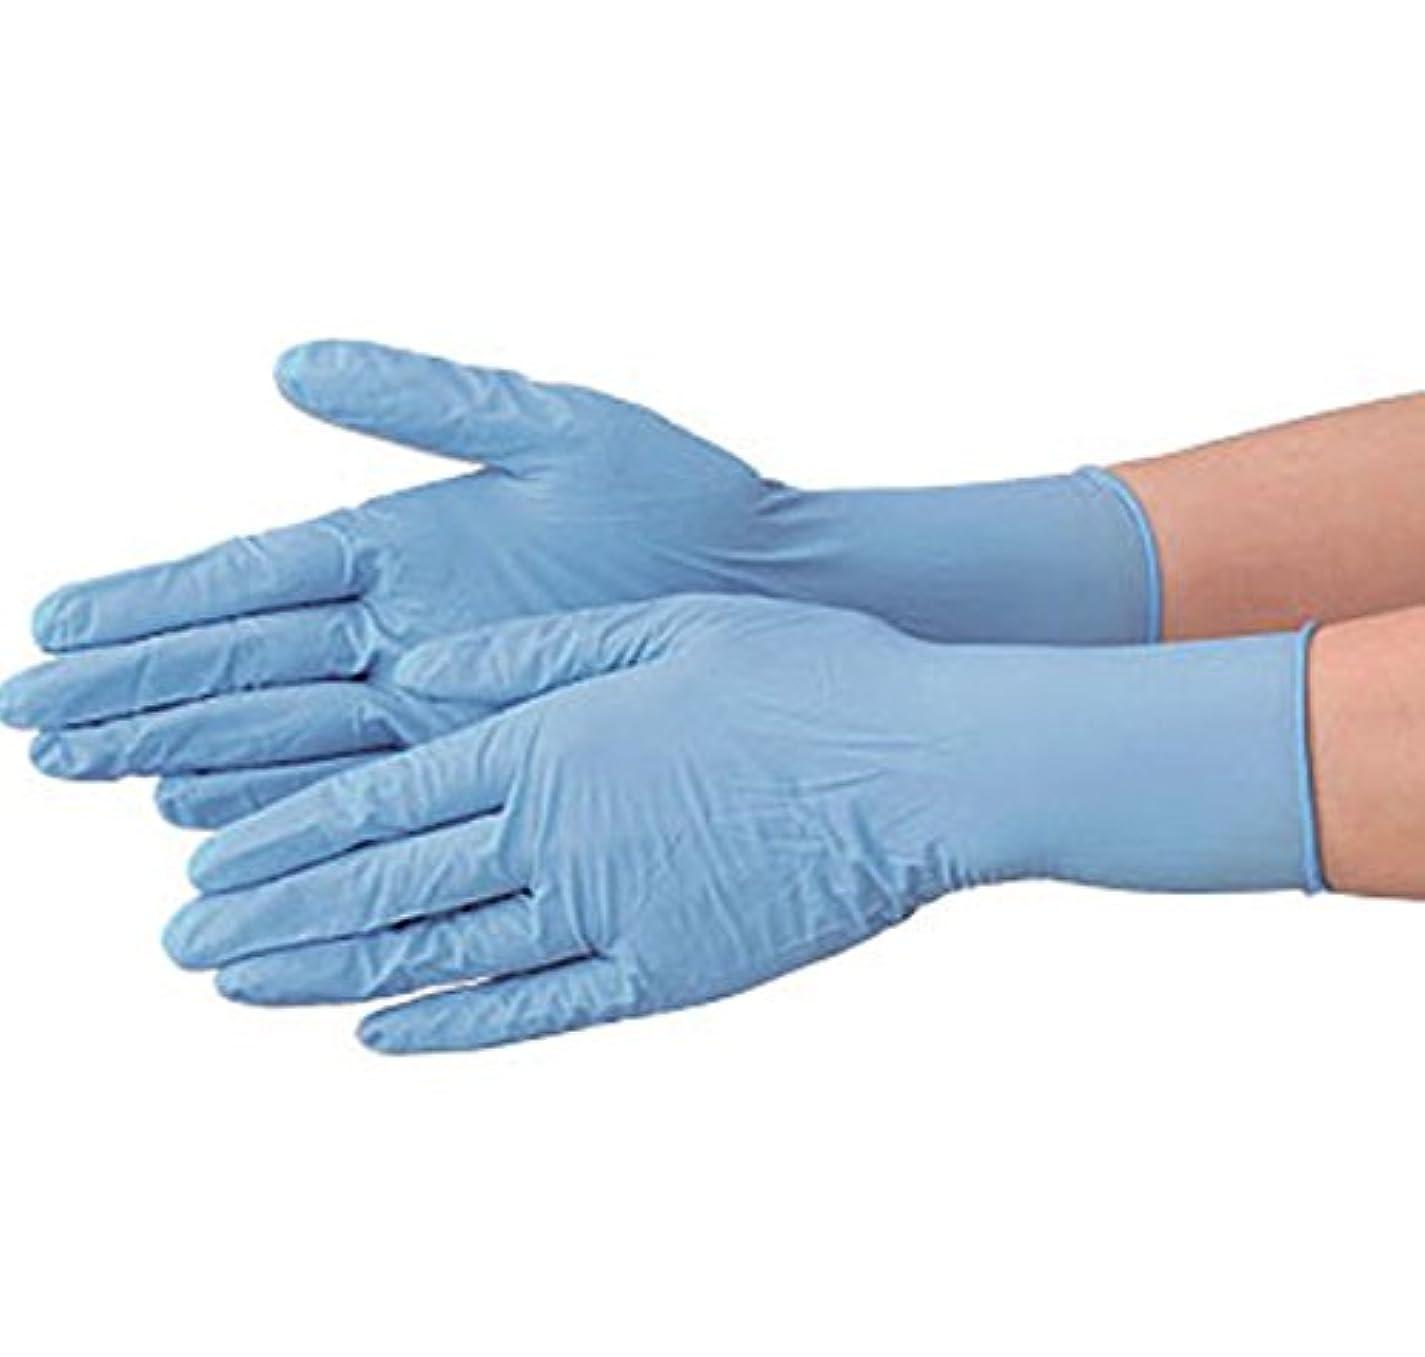 巨大な骨折使い込む使い捨て 手袋 エブノ 532 ニトリルNEO ブルー Sサイズ パウダー付き 2ケース(100枚×60箱)